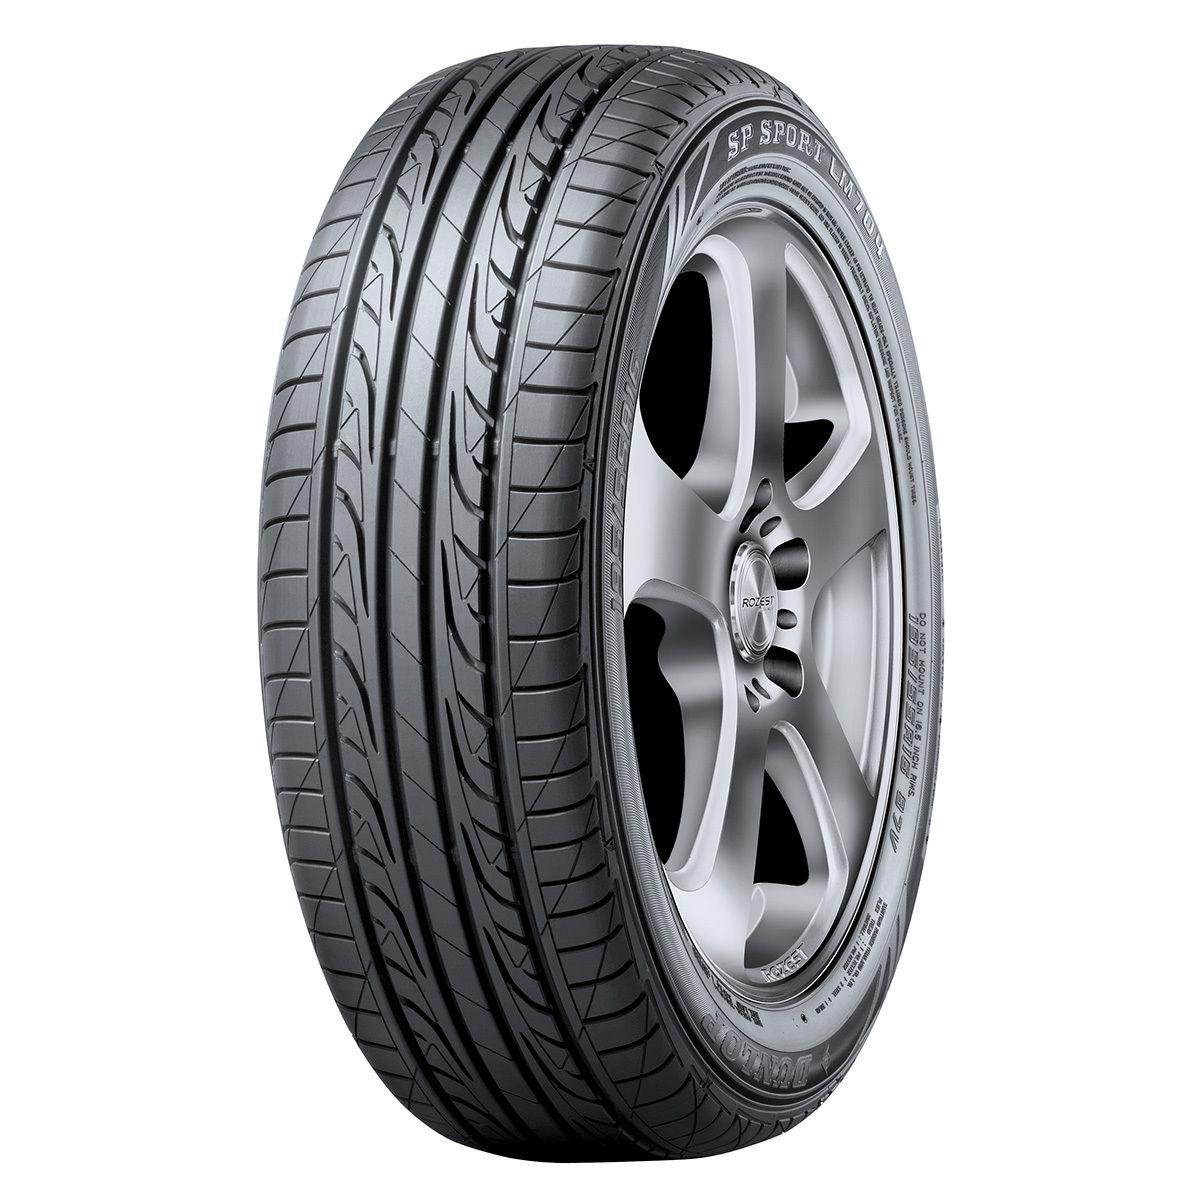 Pneu Dunlop 215/50 R17 91V SP LM704 JP EV